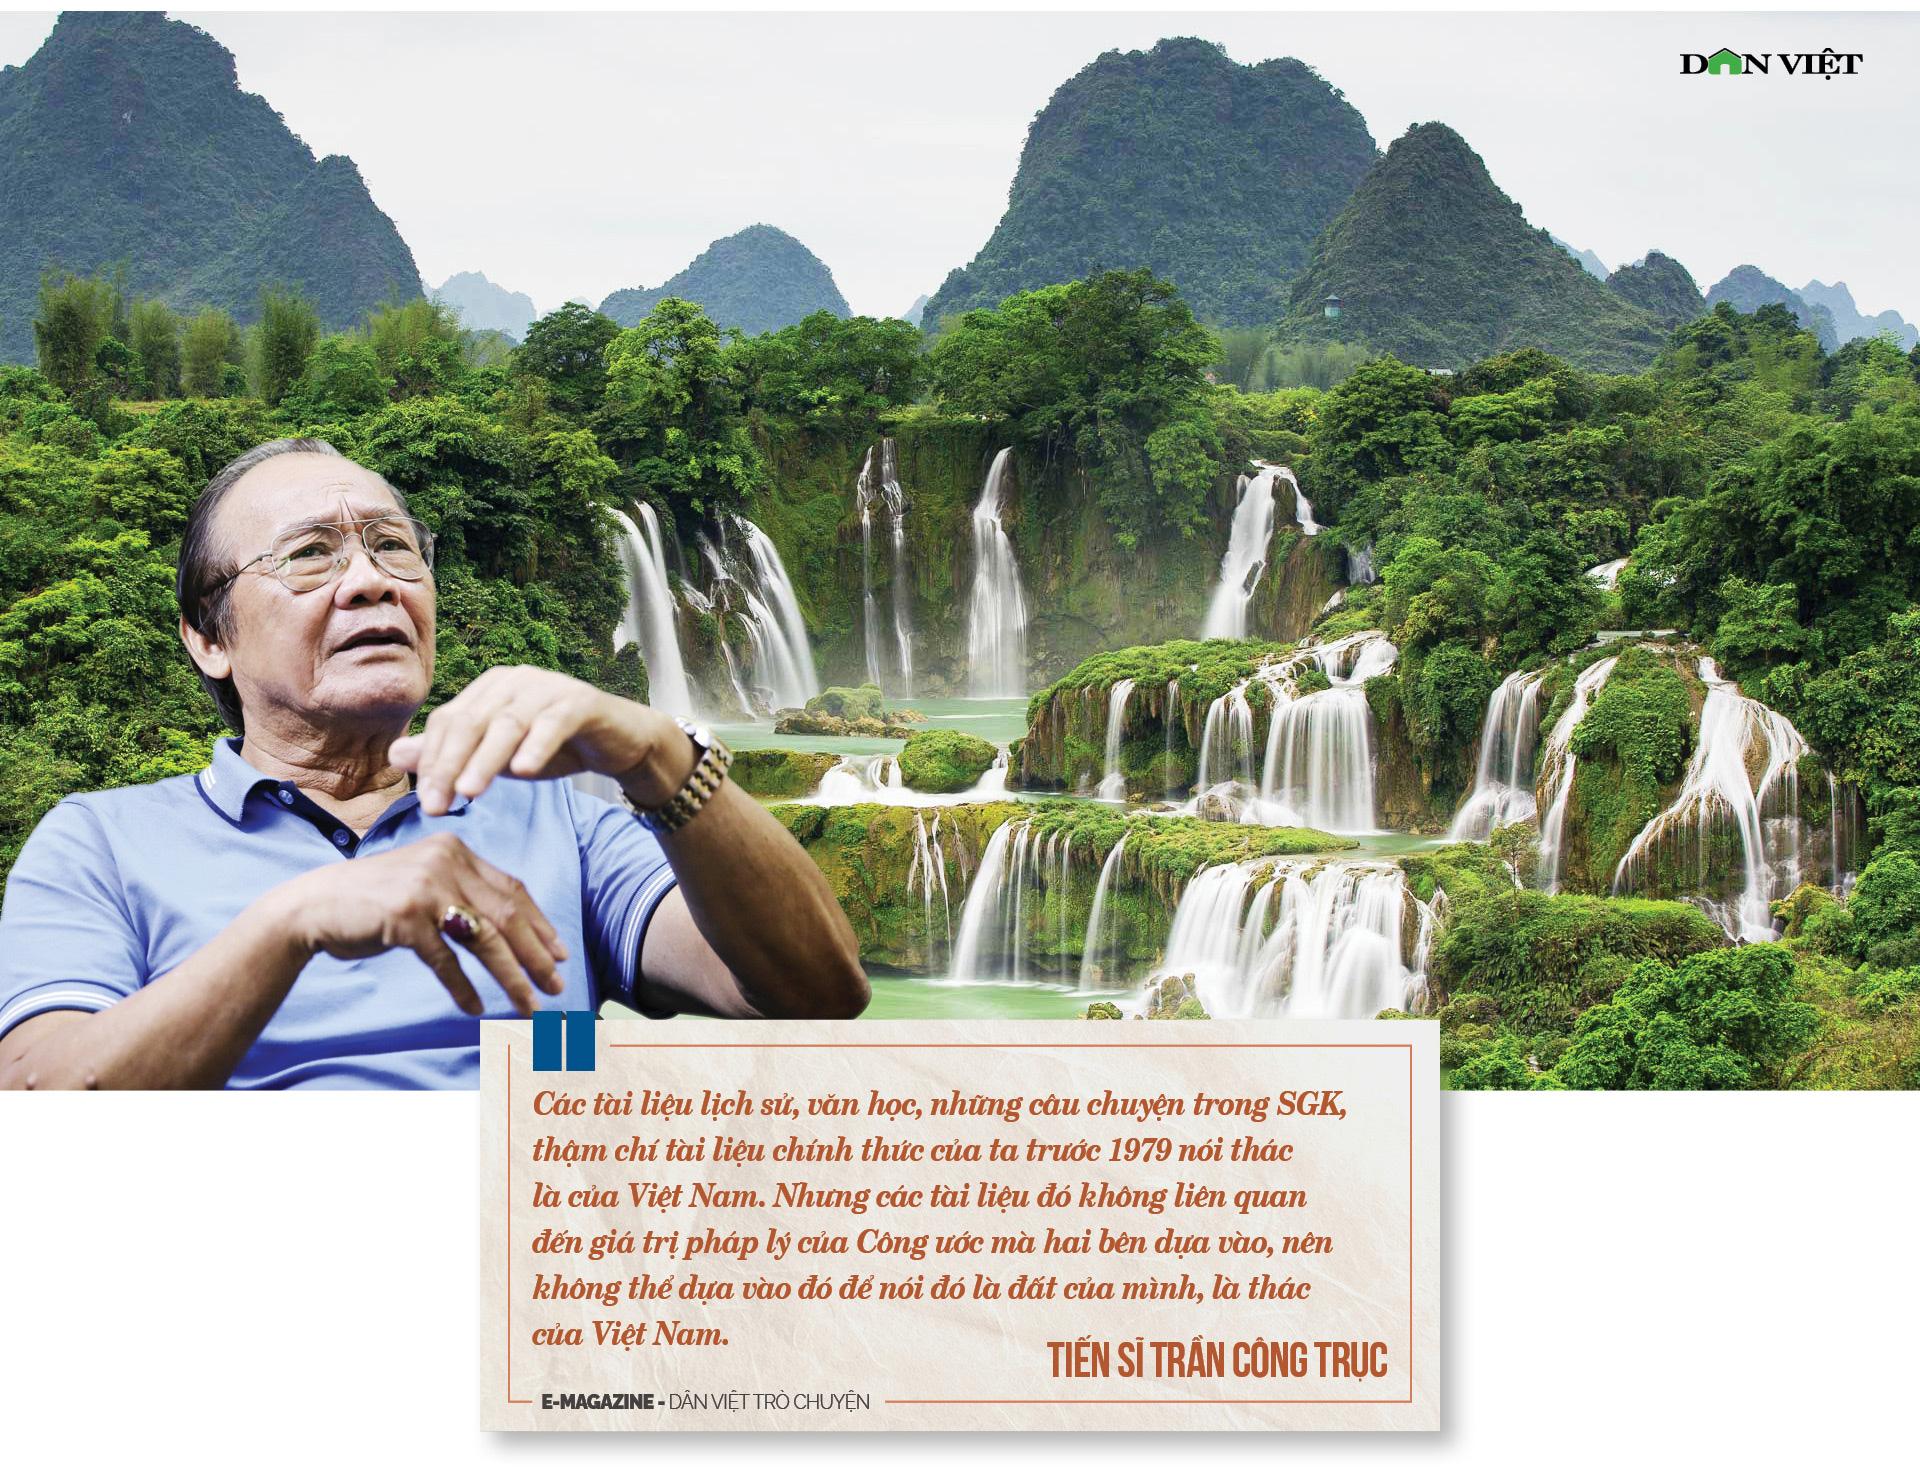 """Tiến sĩ Trần Công Trục: """"Không có chuyện Việt Nam bán đất, bán thác cho Trung Quốc"""" - Ảnh 6."""